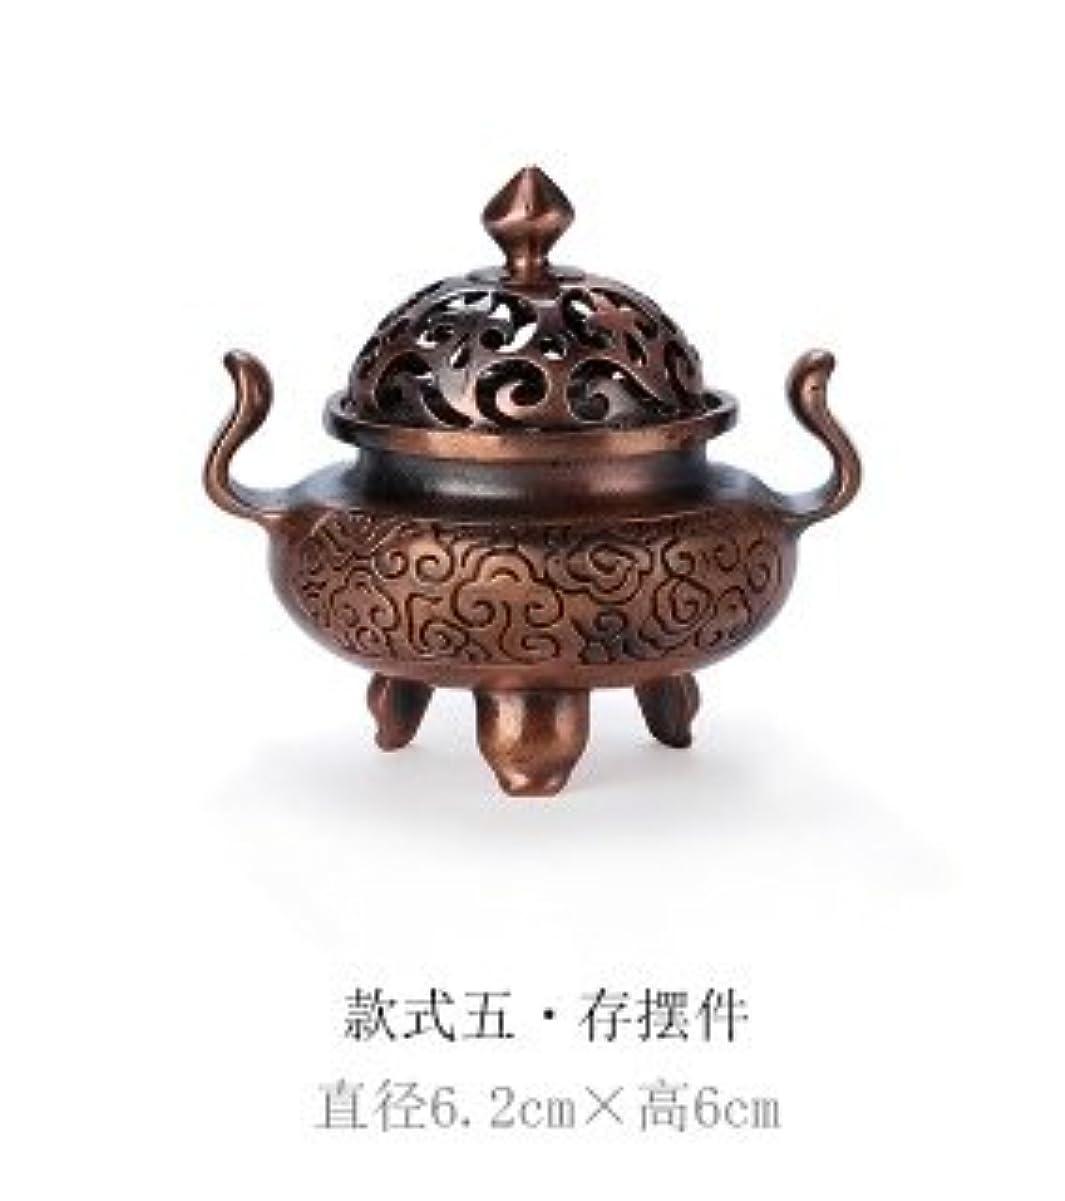 フィード禁じる死の顎金属镂空檀香香炉 功夫茶具 アクセサリー茶装飾 线香香炉 (銅色)